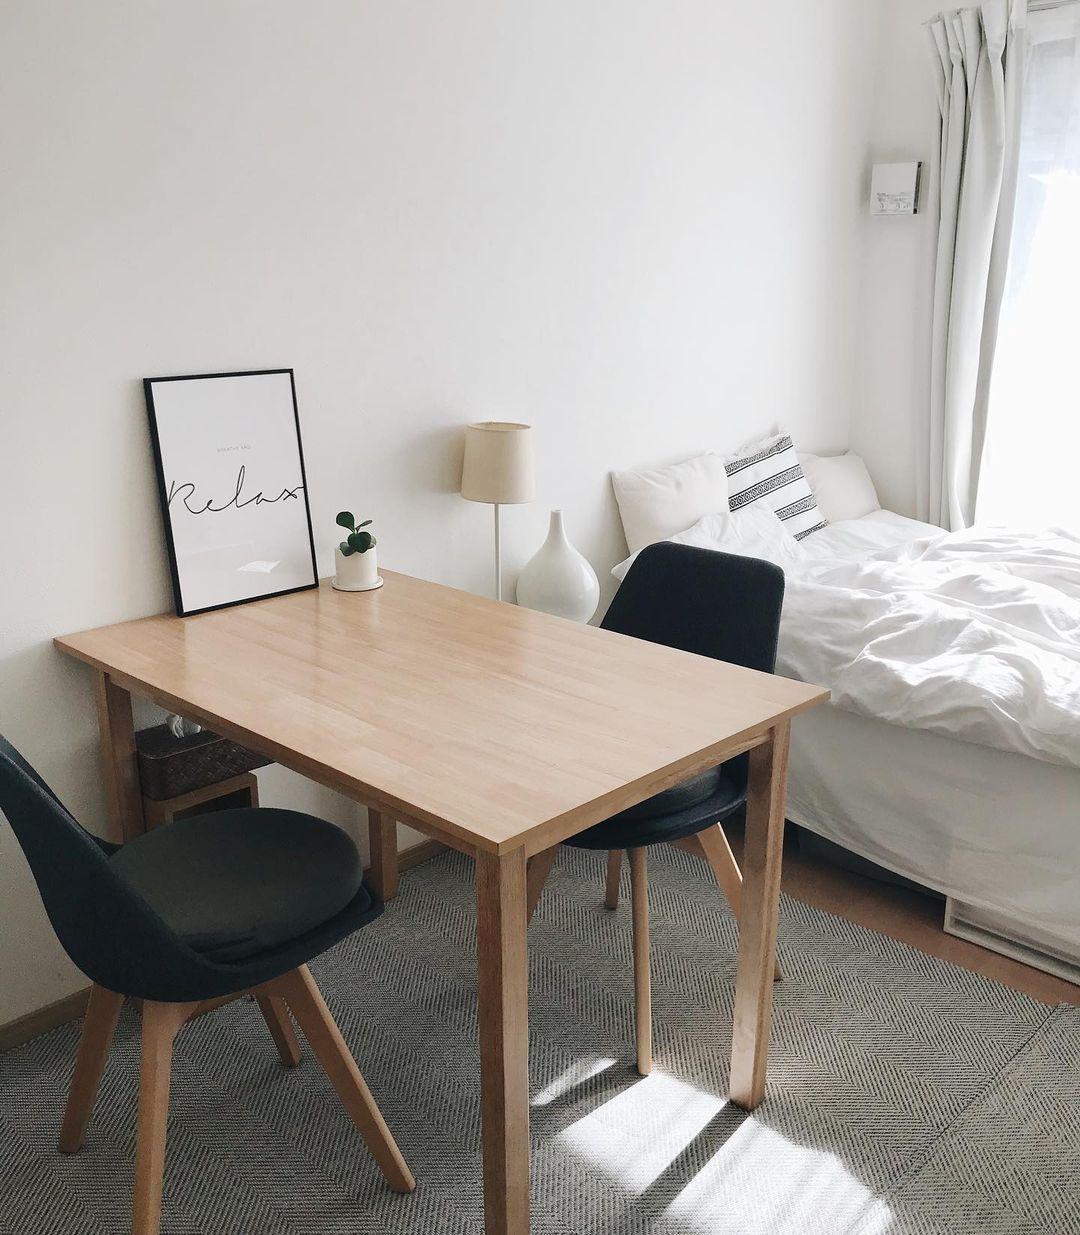 部屋の真ん中にダイニングテーブルをひとつ。シンプルモダンな一人暮らしの1Kインテリア